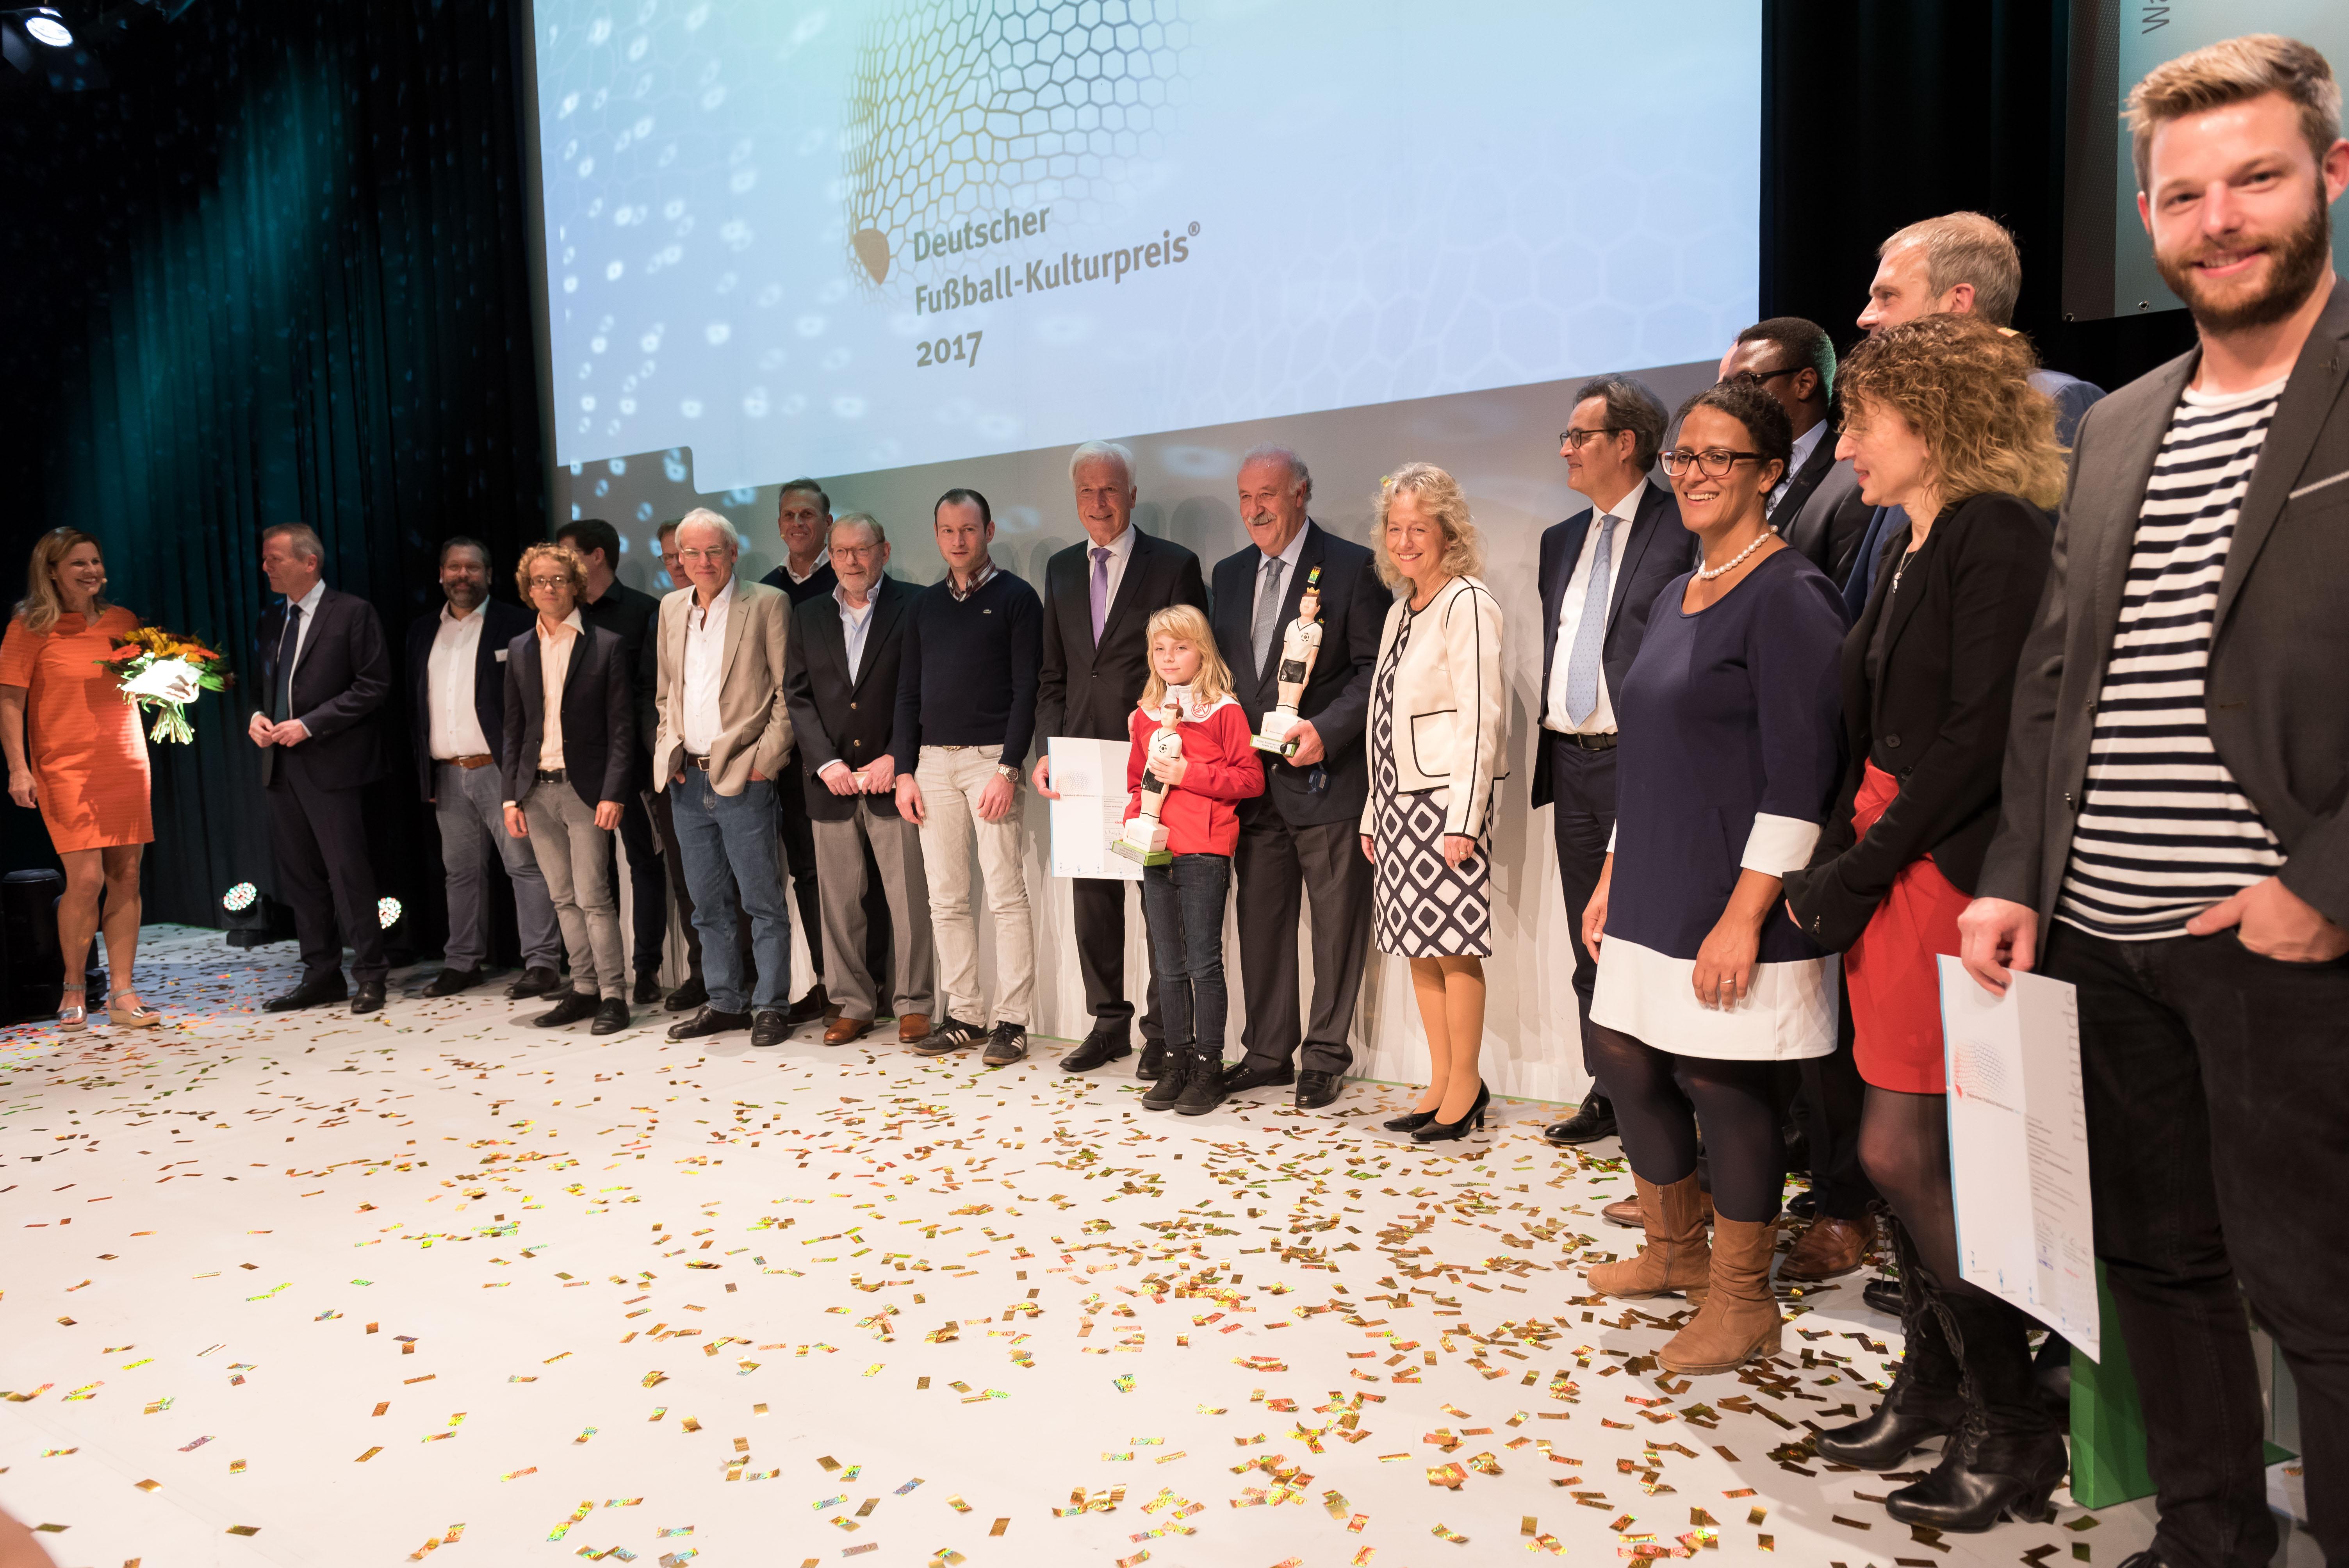 Große Gala, großes Kompliment: In Nürnberg stieg der Deutsche Fußball-Kulturpreis. (Fotos: Rygl)